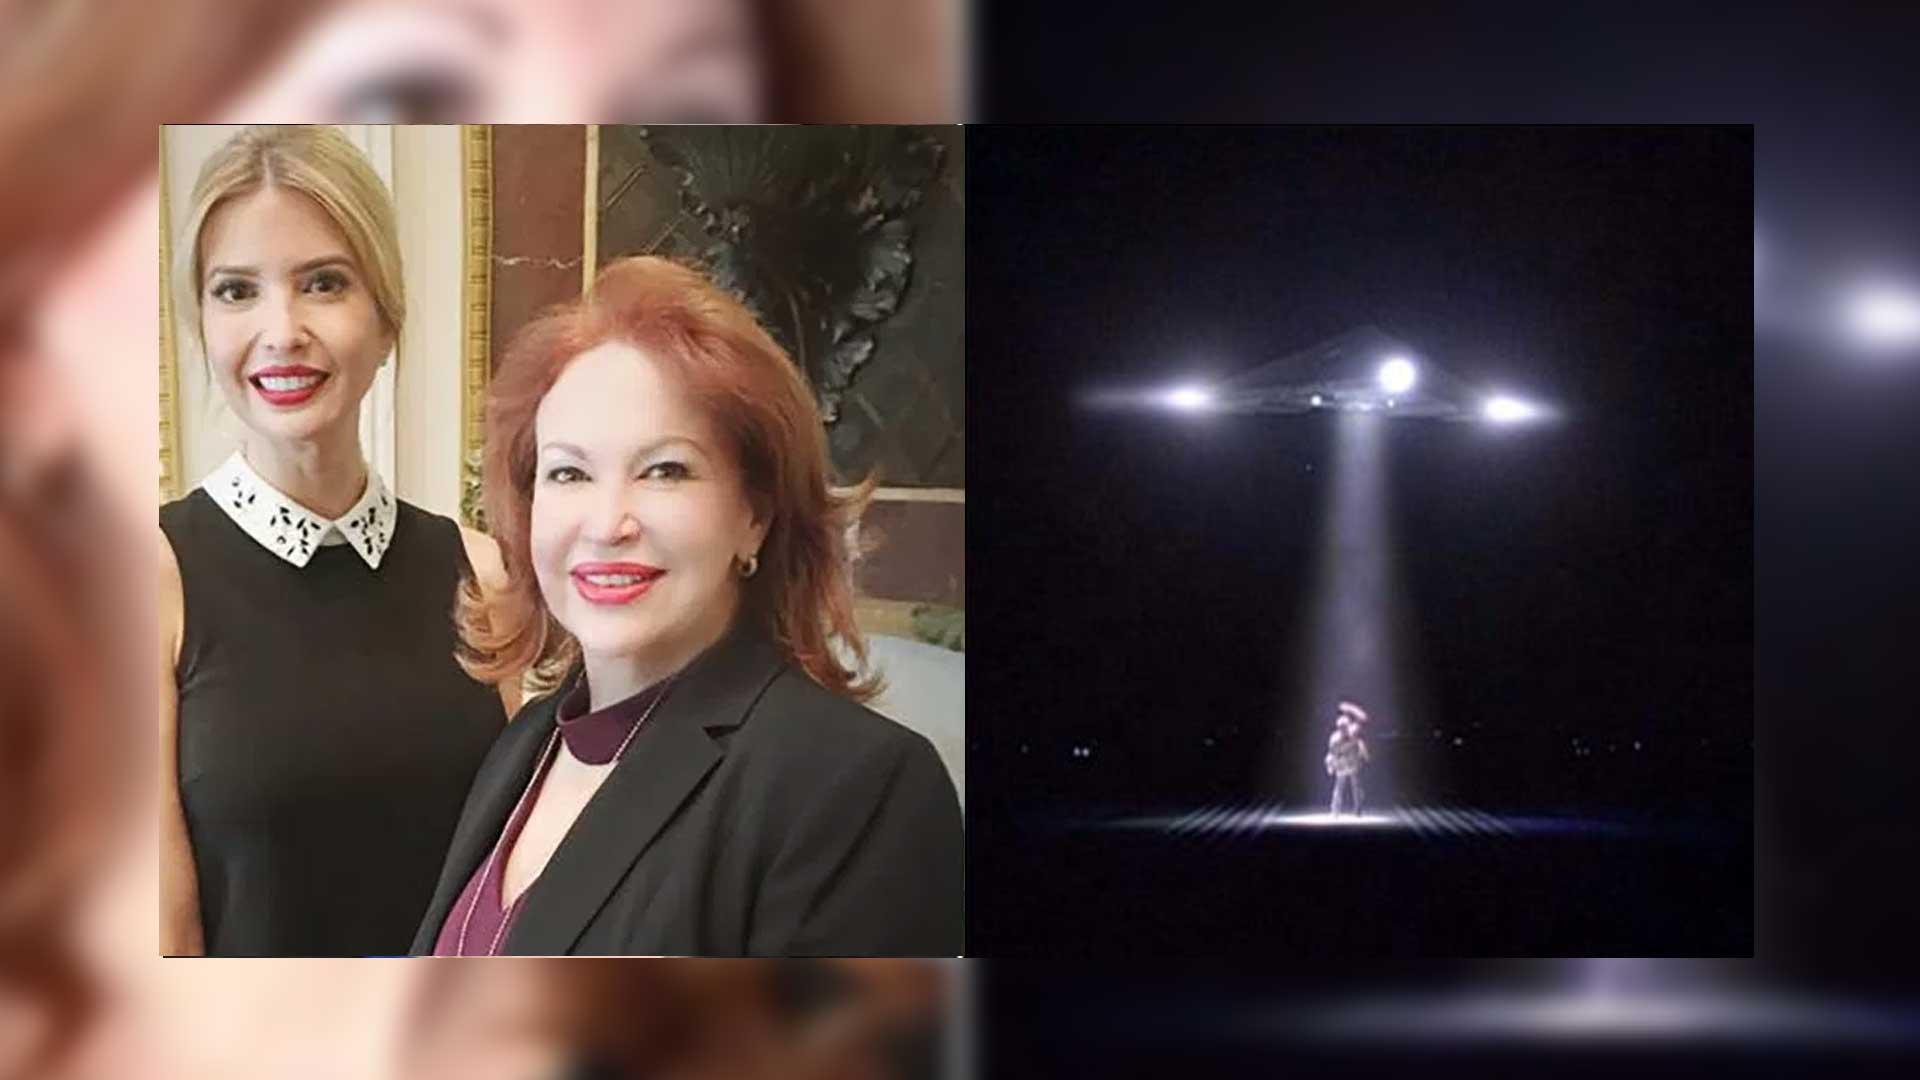 Bettina Rodríguez, candidata al congreso de EEUU afirma haber tenido un contacto extraterrestre